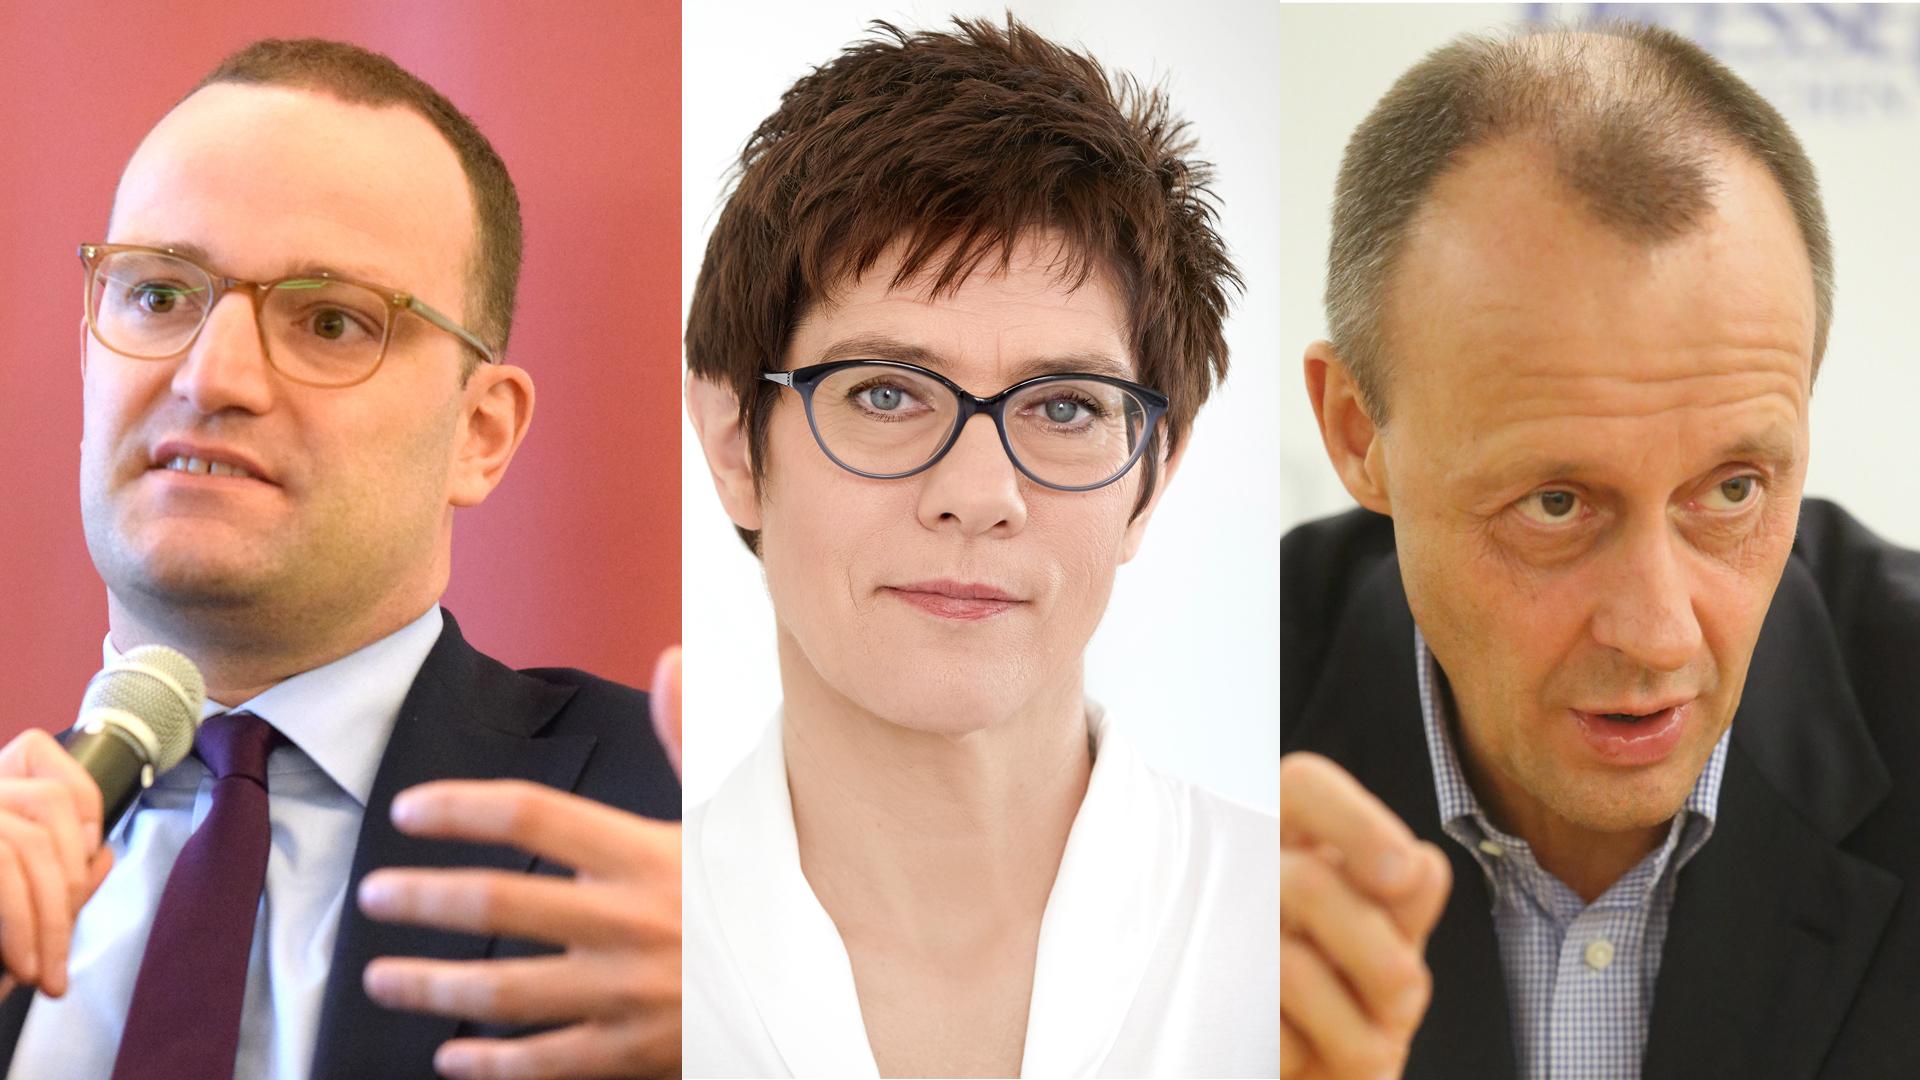 Die Kandidaten für den CDU-Vorsitz (v.l.): Jens Spahn, Annegret Kramp-Karrenbauer und Friedrich Merz